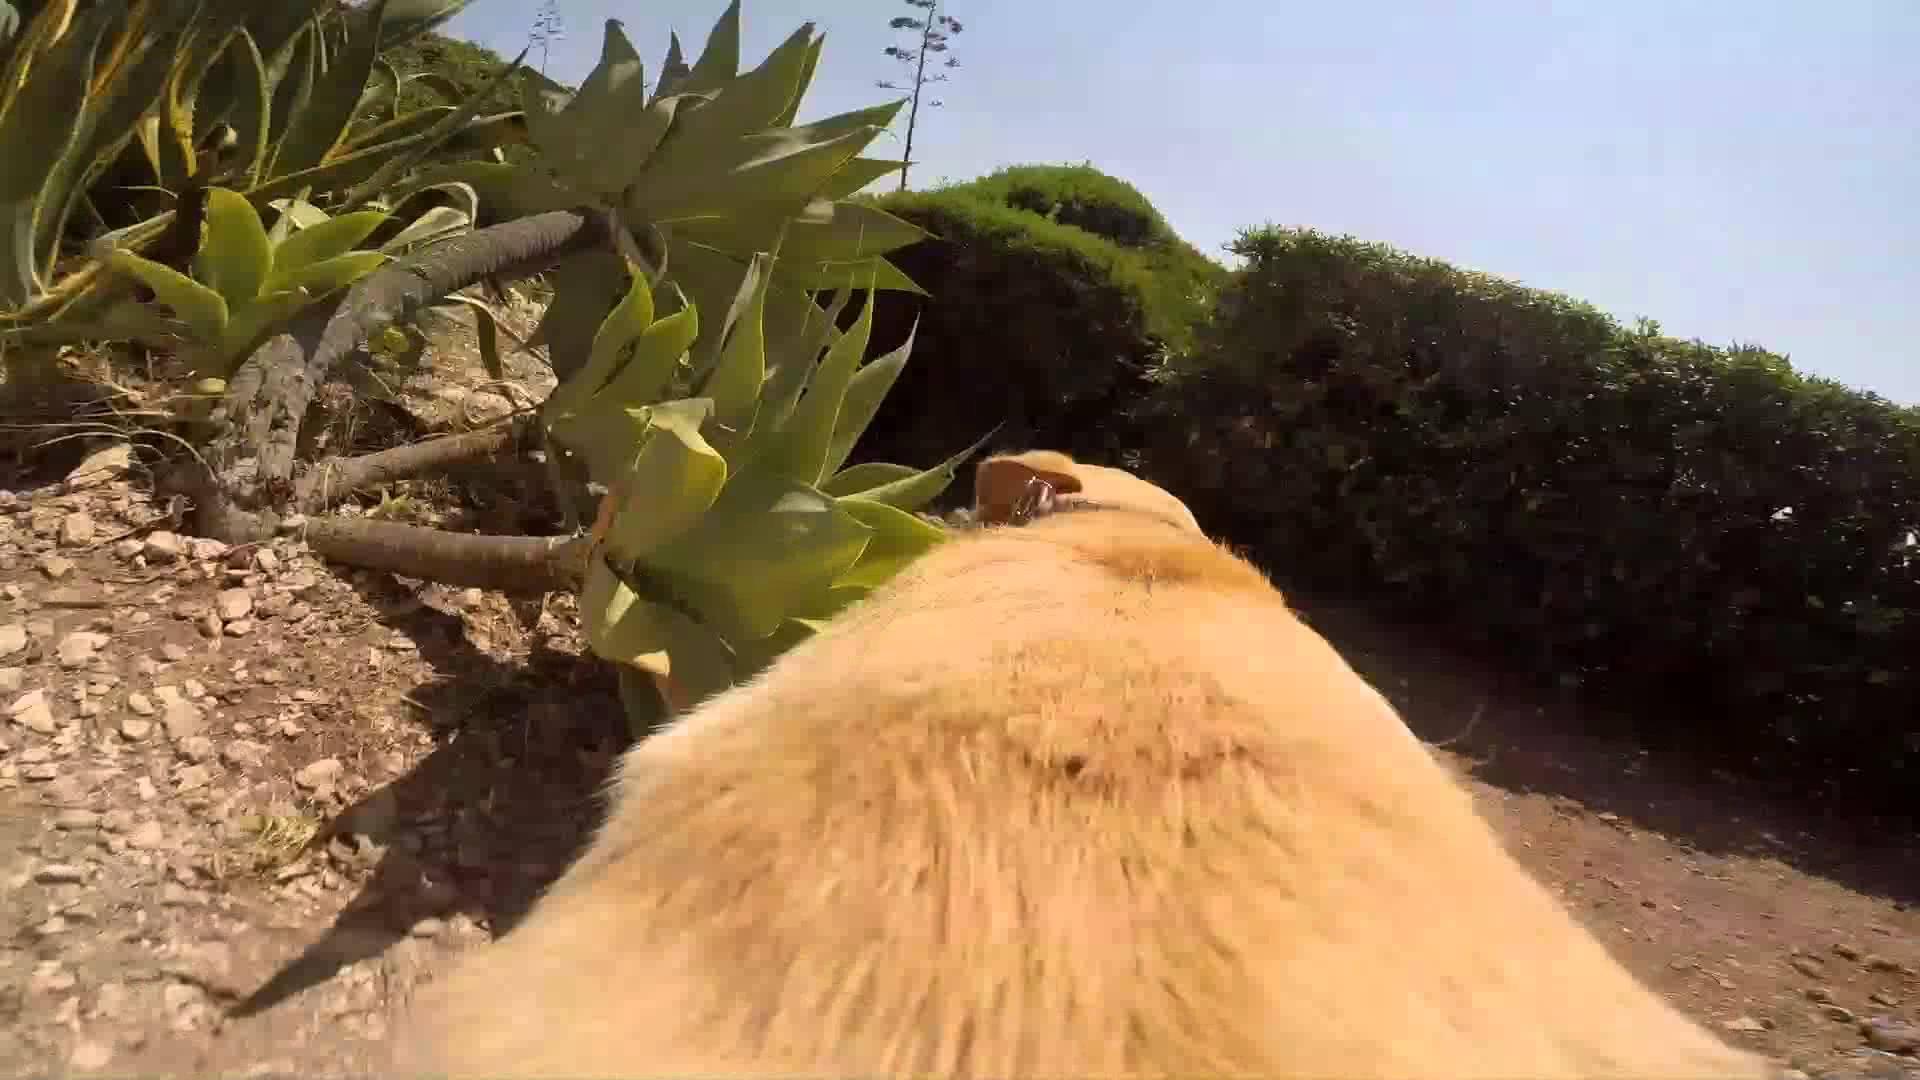 「もう待てない!」感が凄い、犬視点の動画